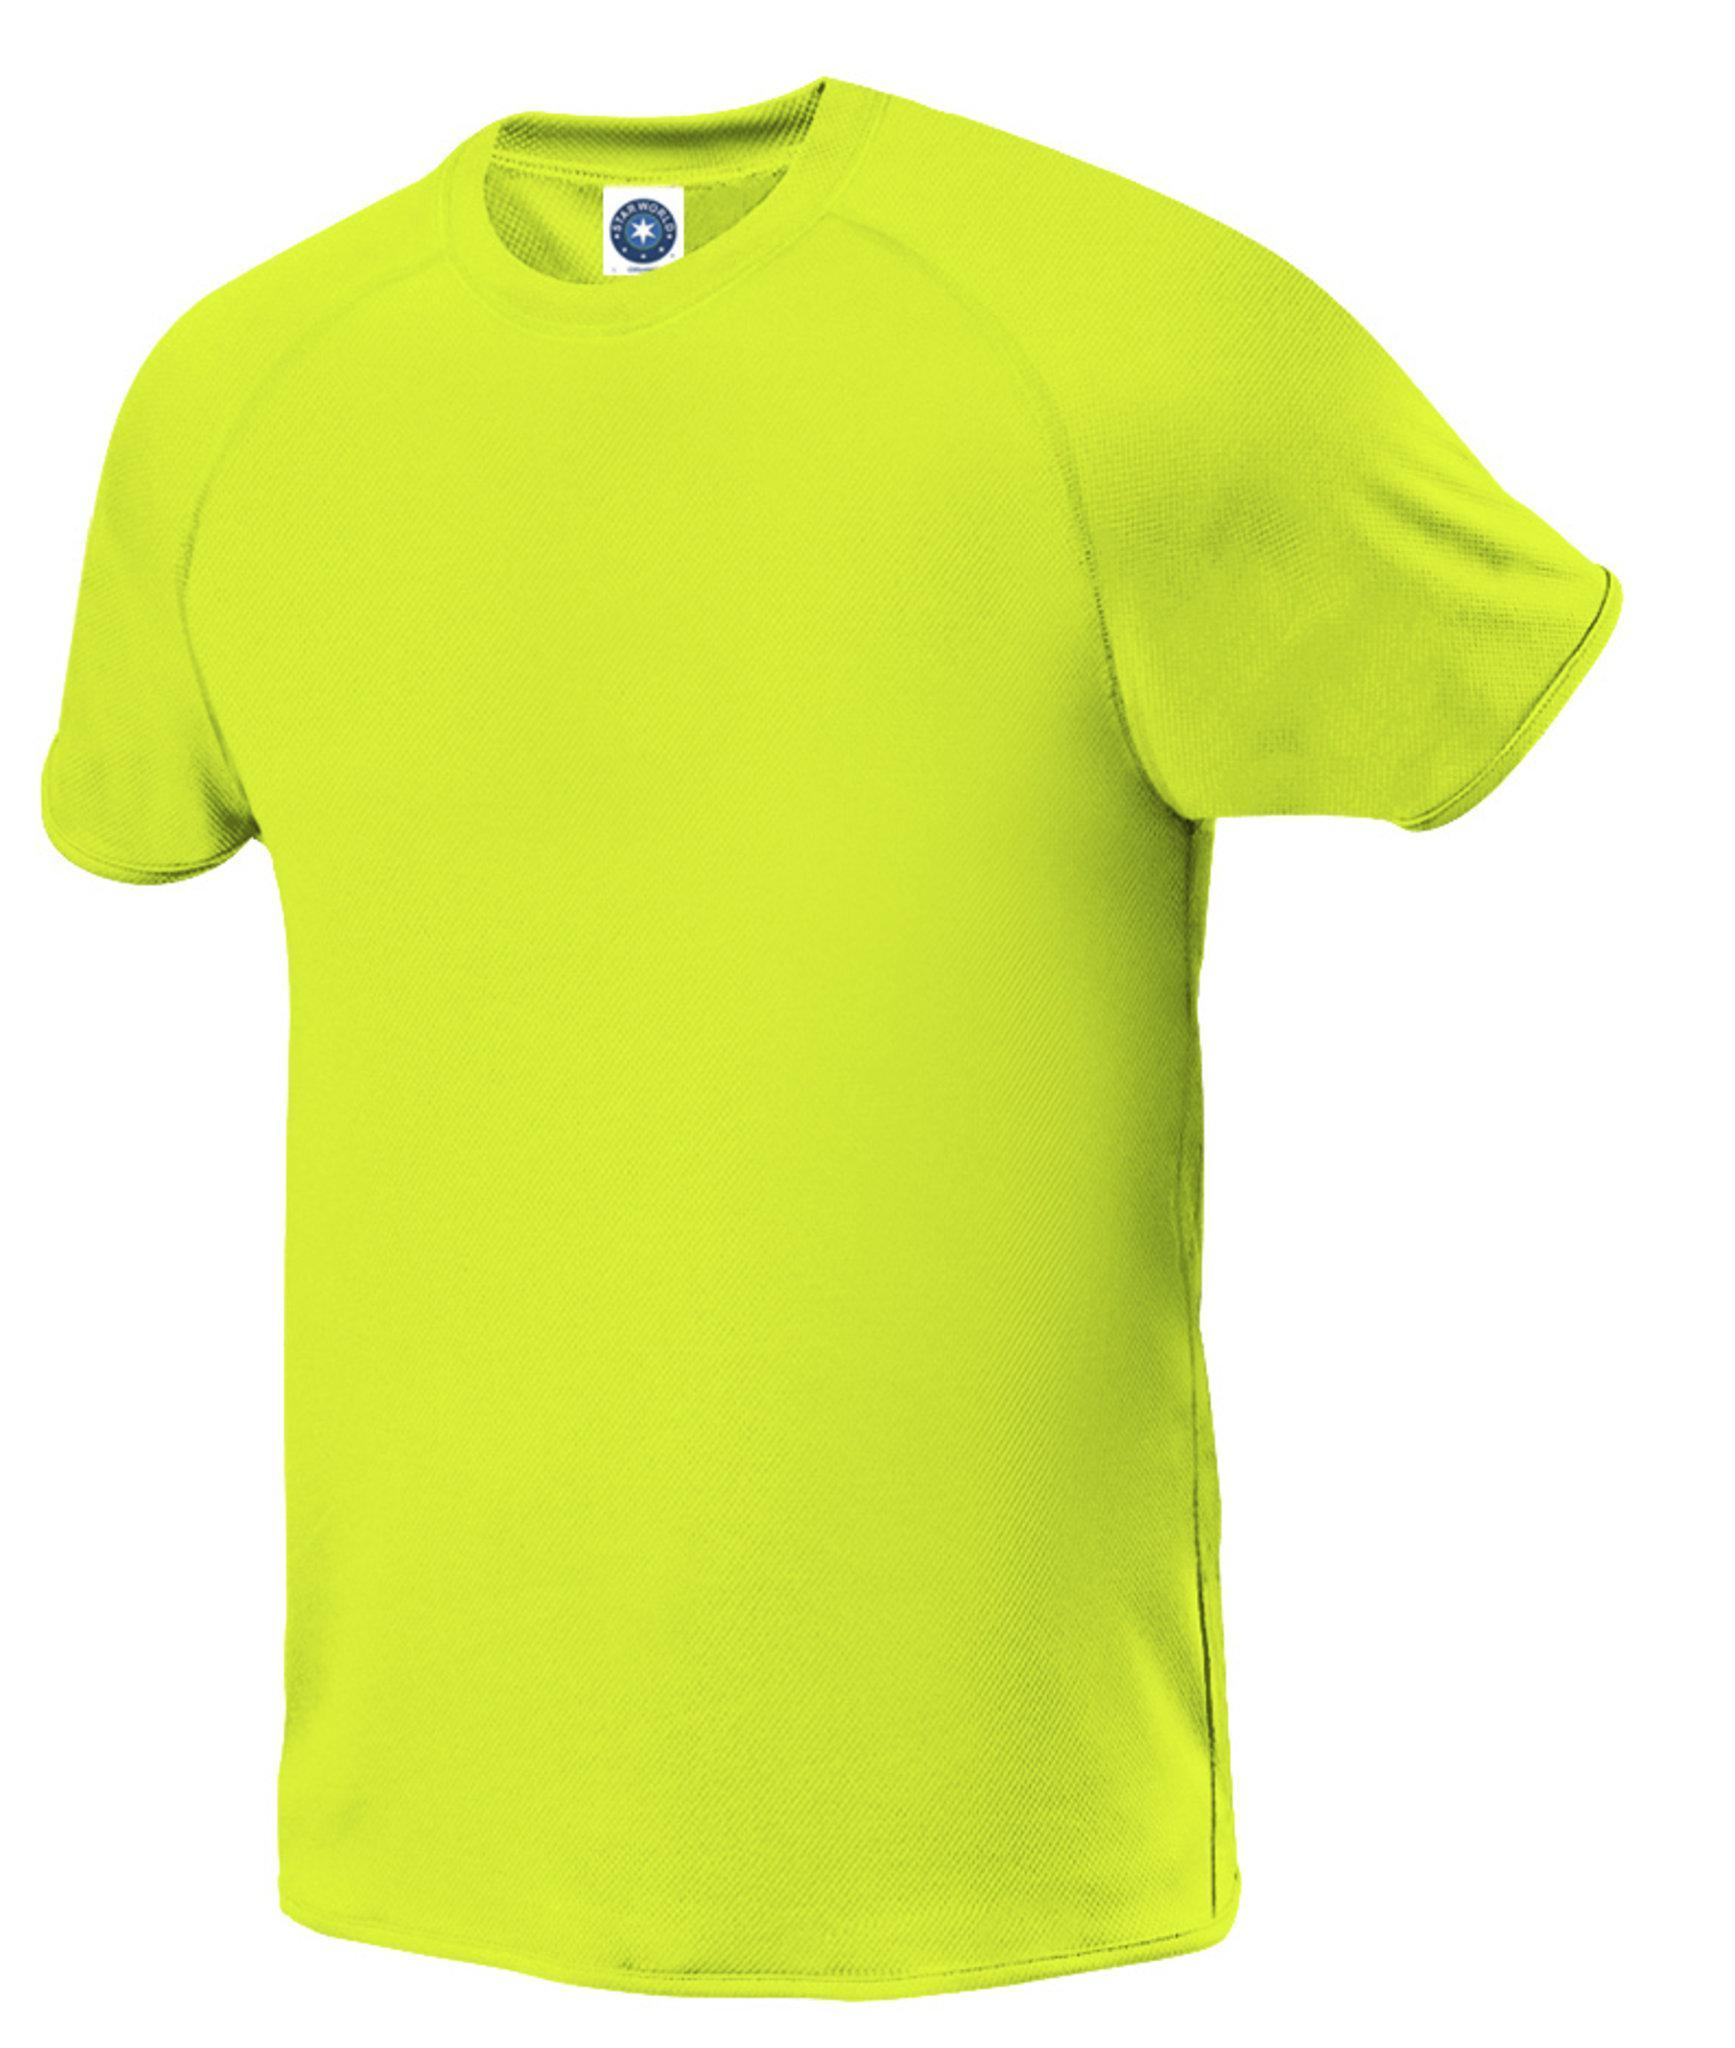 T-shirt publicitaire Sporti - t-shirt personnalisable